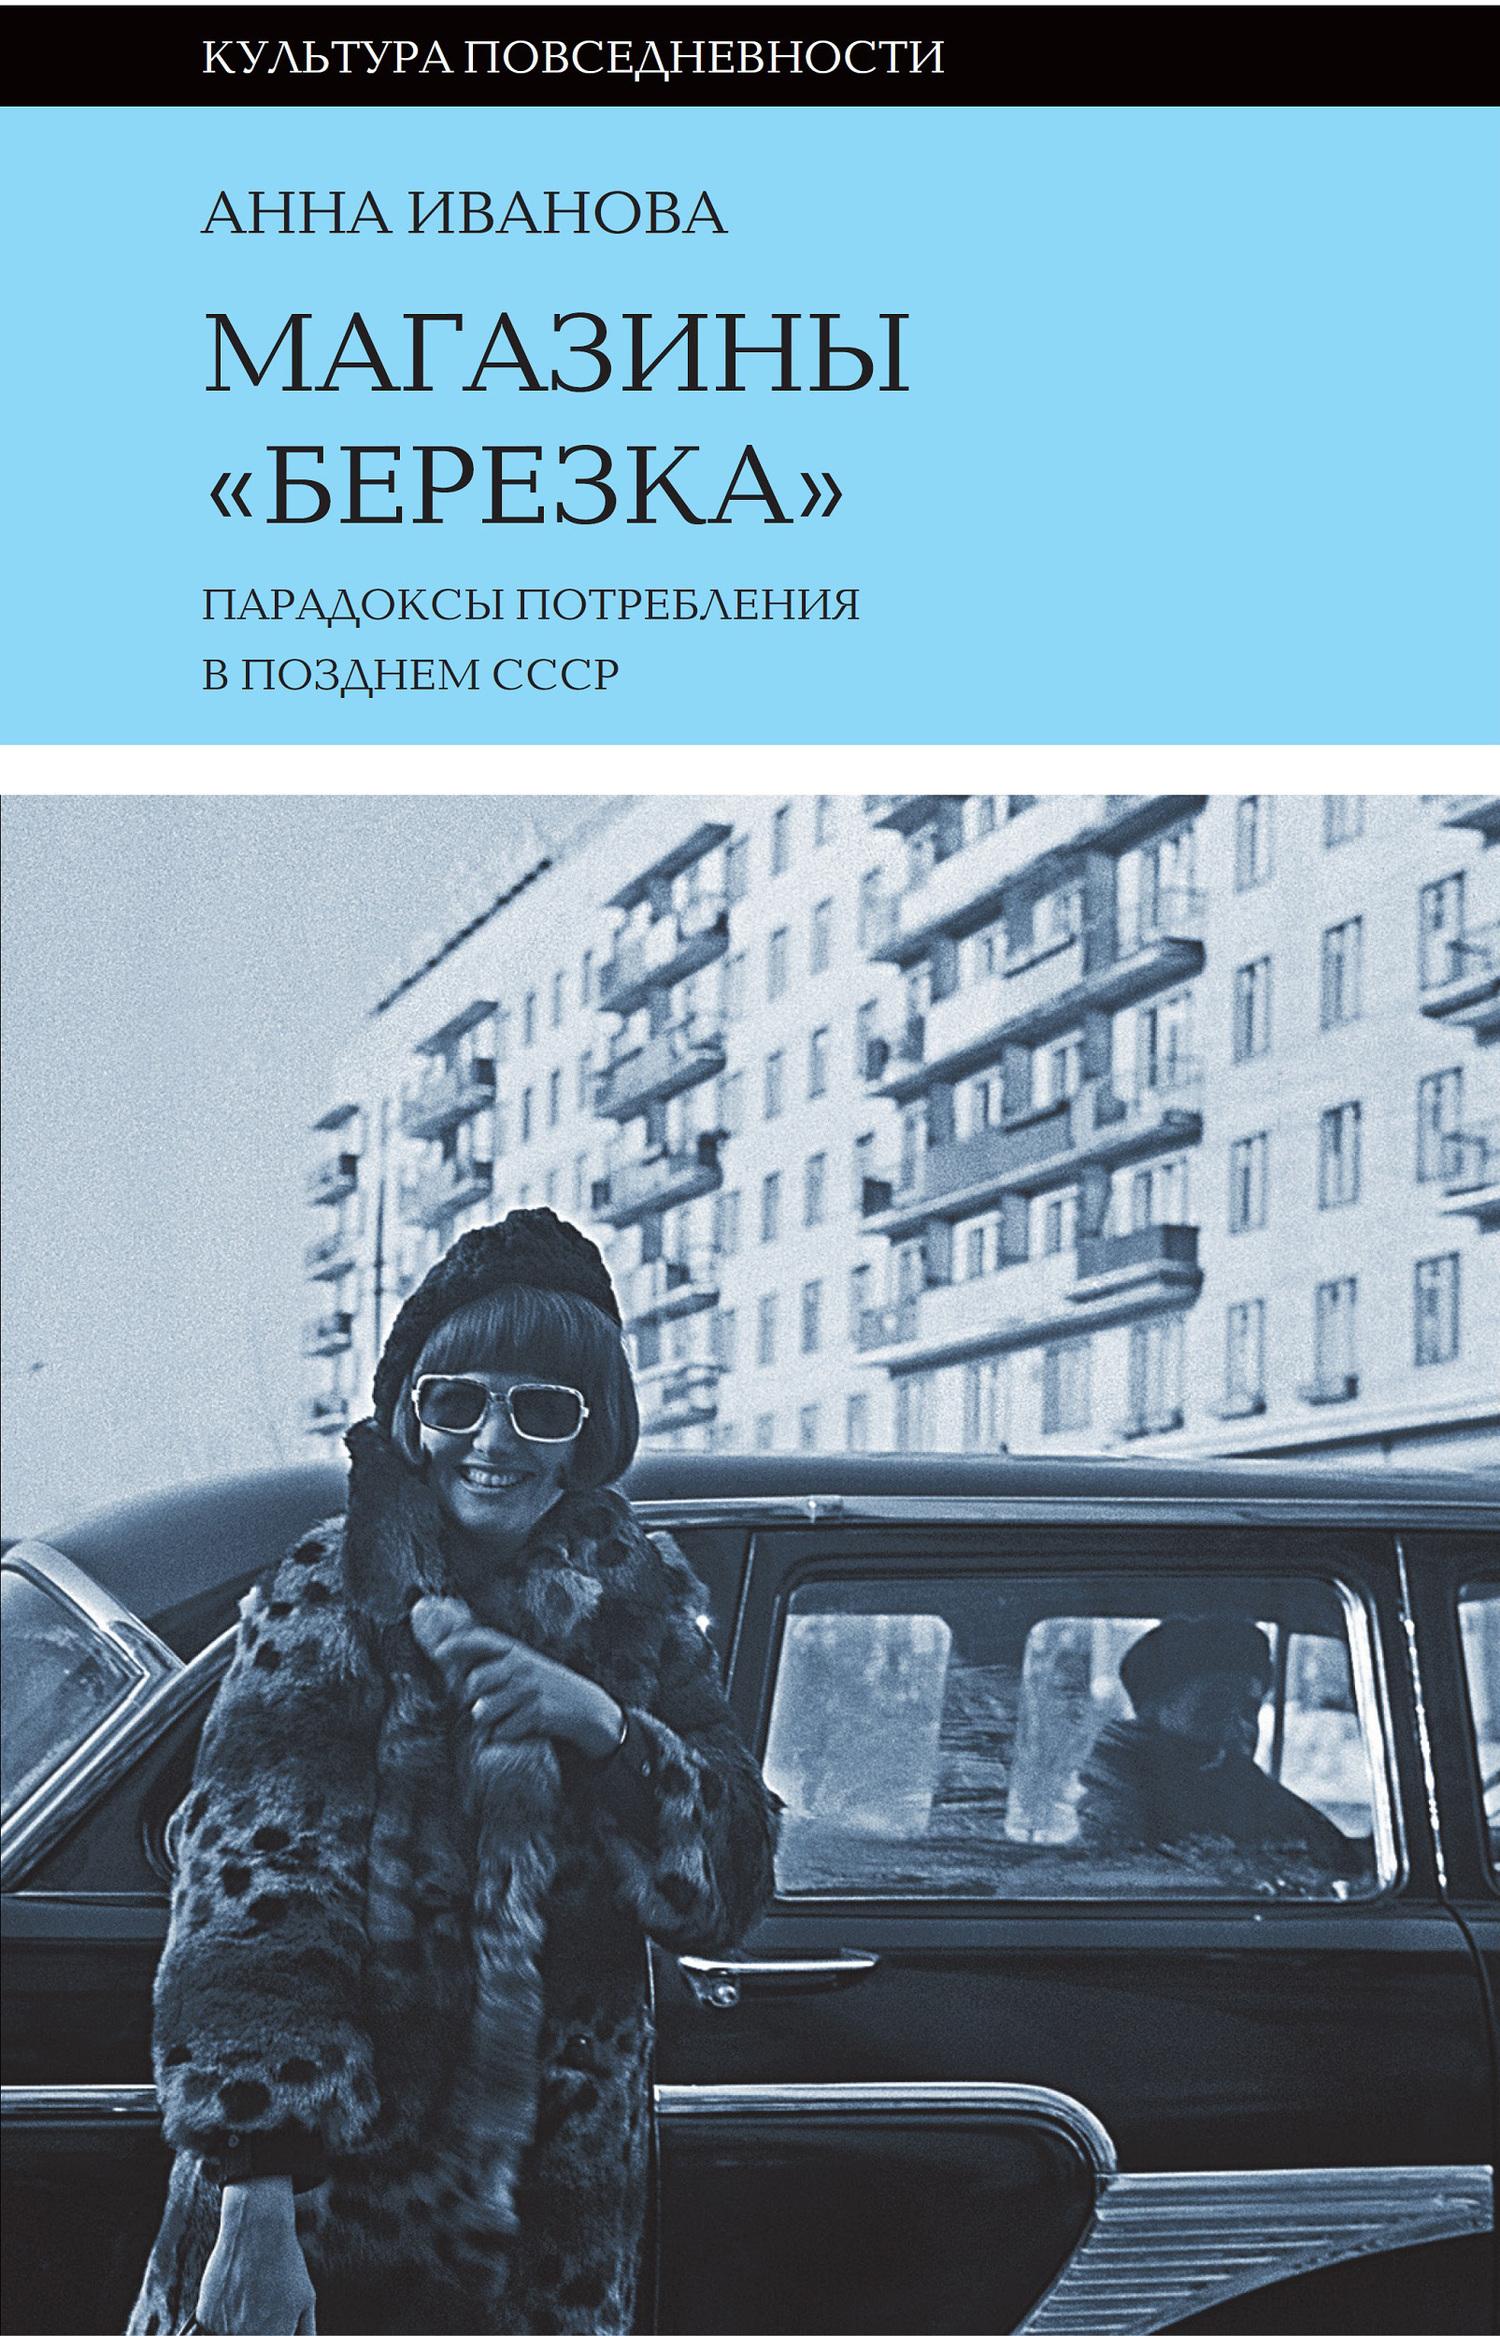 Анна Ианоа «Березка»: парадоксы потребления позднем СССР